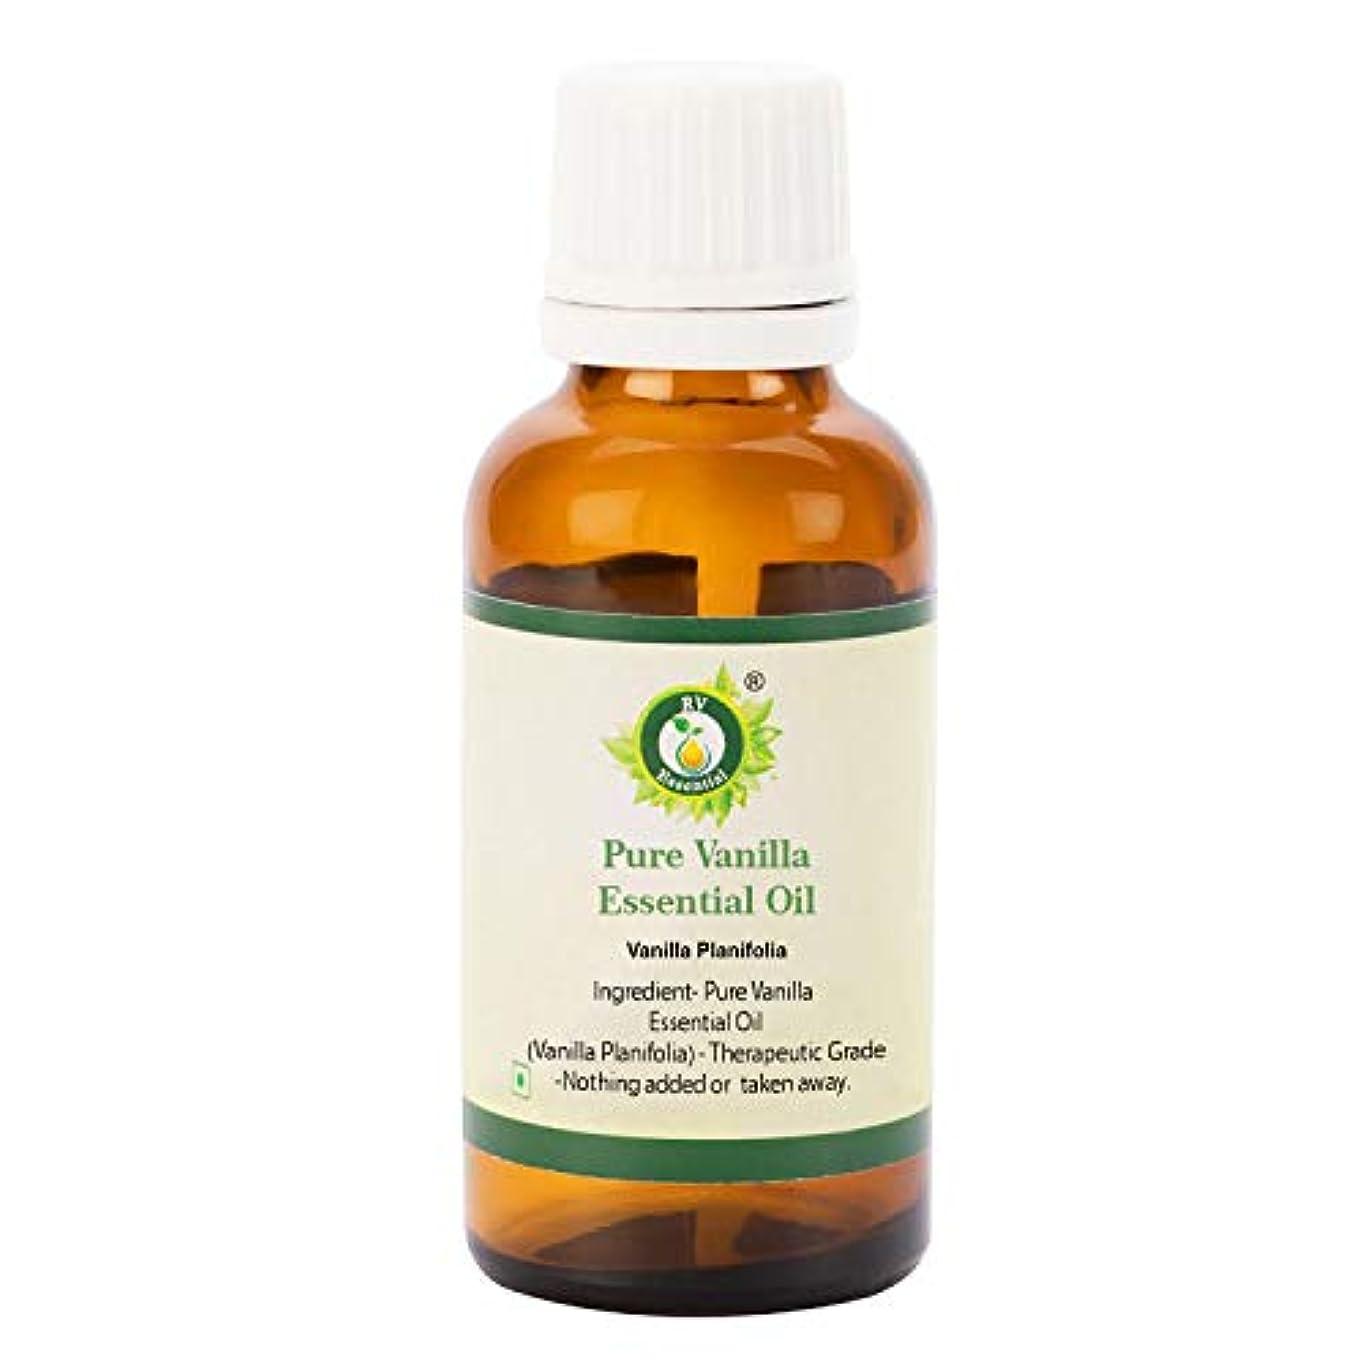 基準洗う維持するR V Essential ピュアバニラエッセンシャルオイル50ml (1.69oz)- Vanilla Planifolia (100%純粋&天然) Pure Vanilla Essential Oil